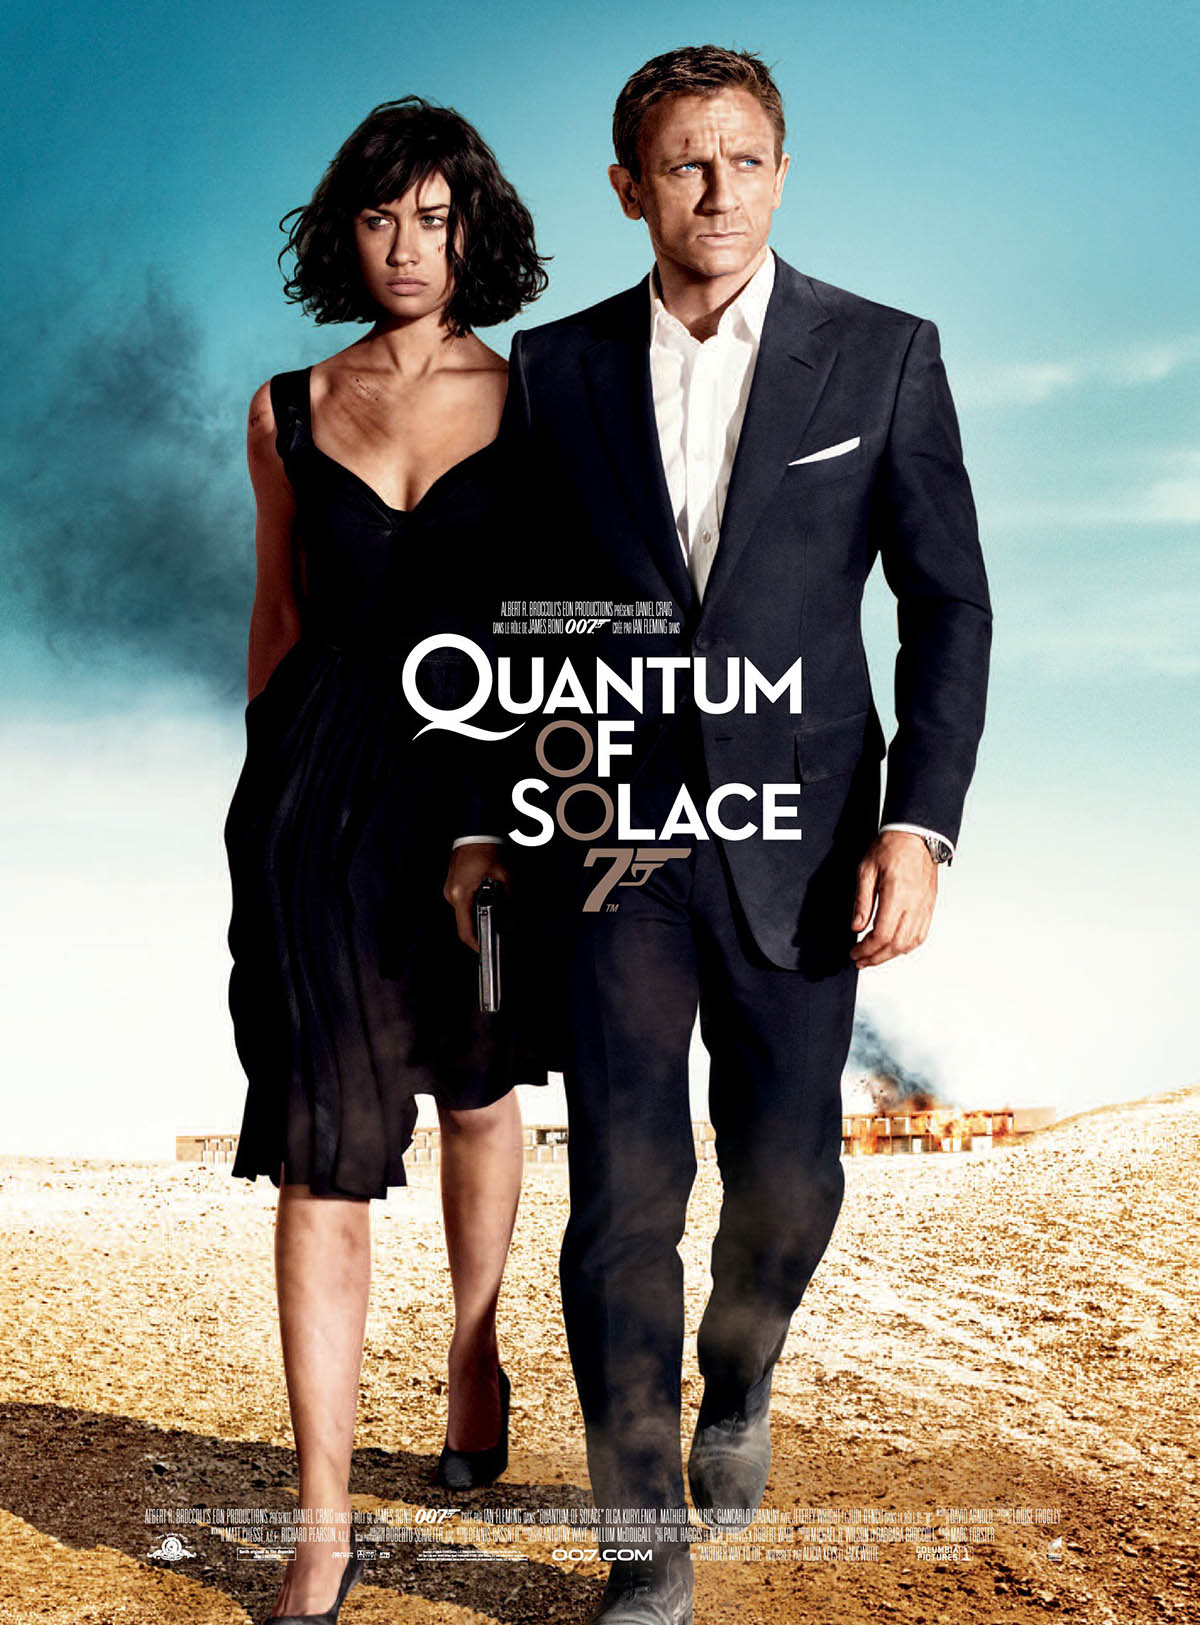 Quantum of solance, affiche du James Bond avec Daniel Craig